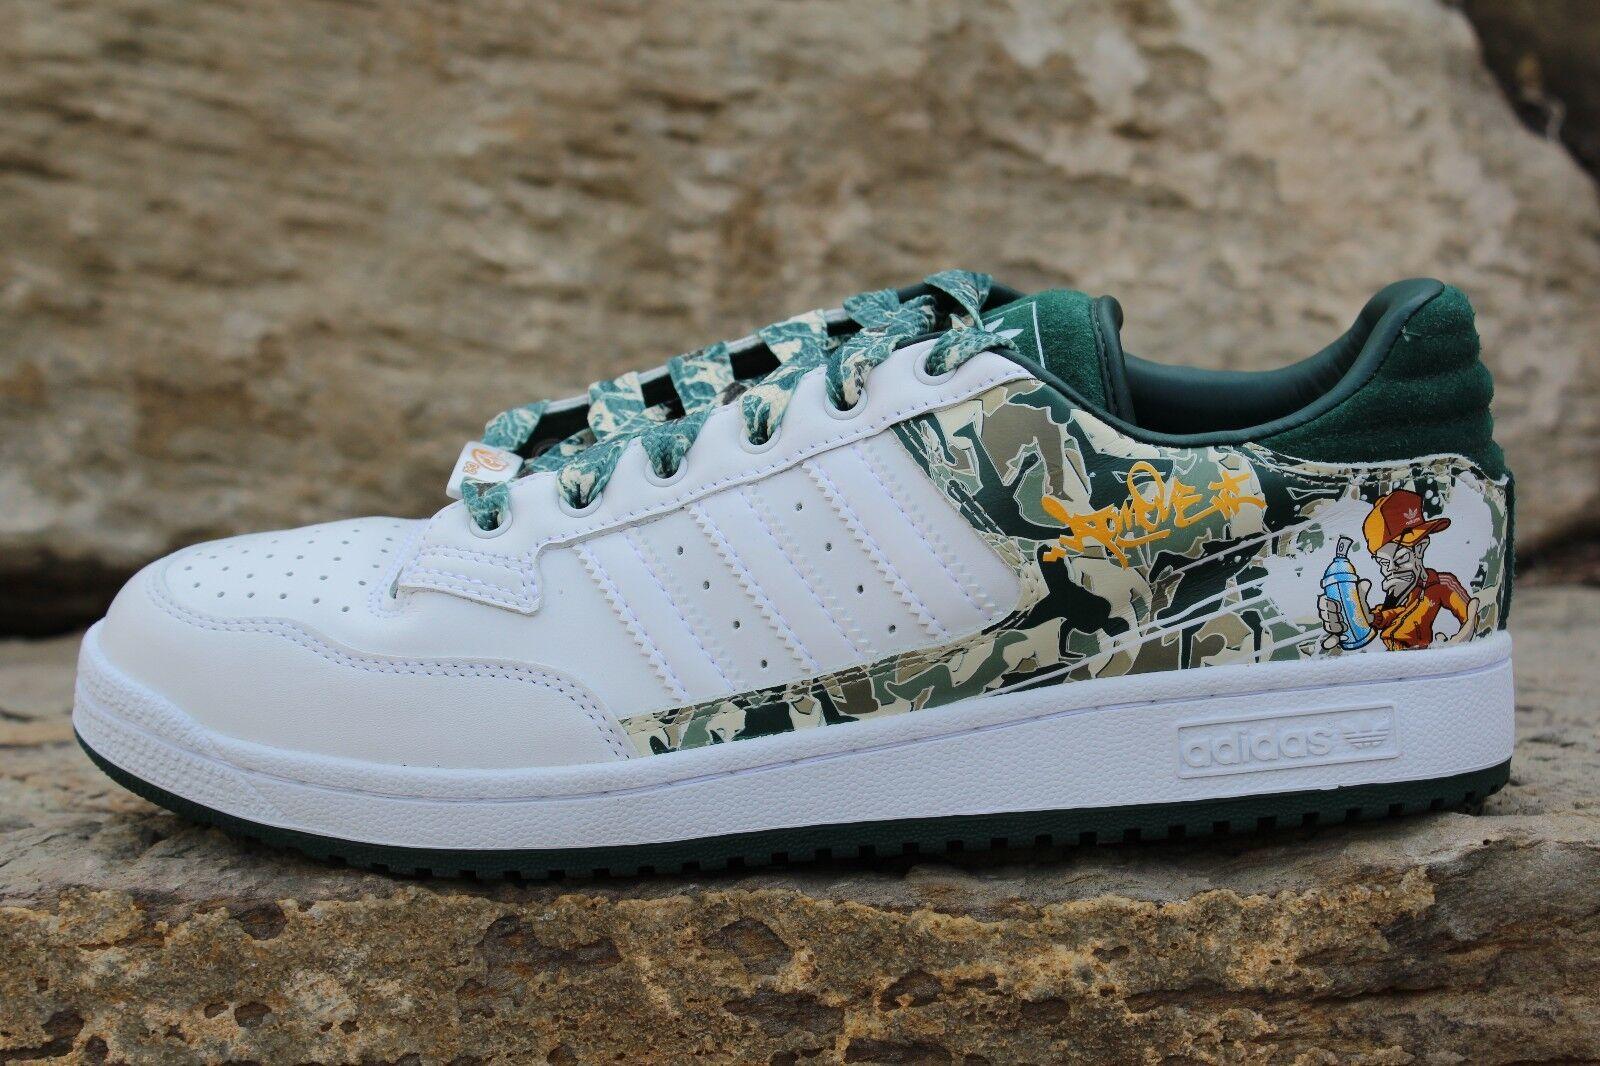 15 nouveaux   adidas originaux centennial lo a1  c2 Blanc  a1 skater chaussures taille 9 - 12 c39e69